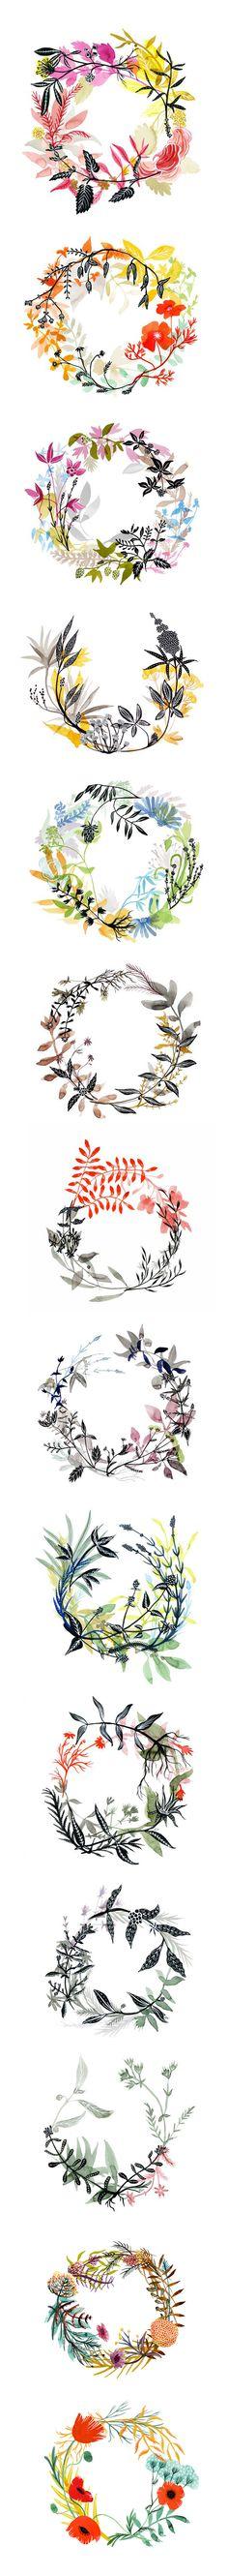 http://katievernon.com/Healing-Wreaths